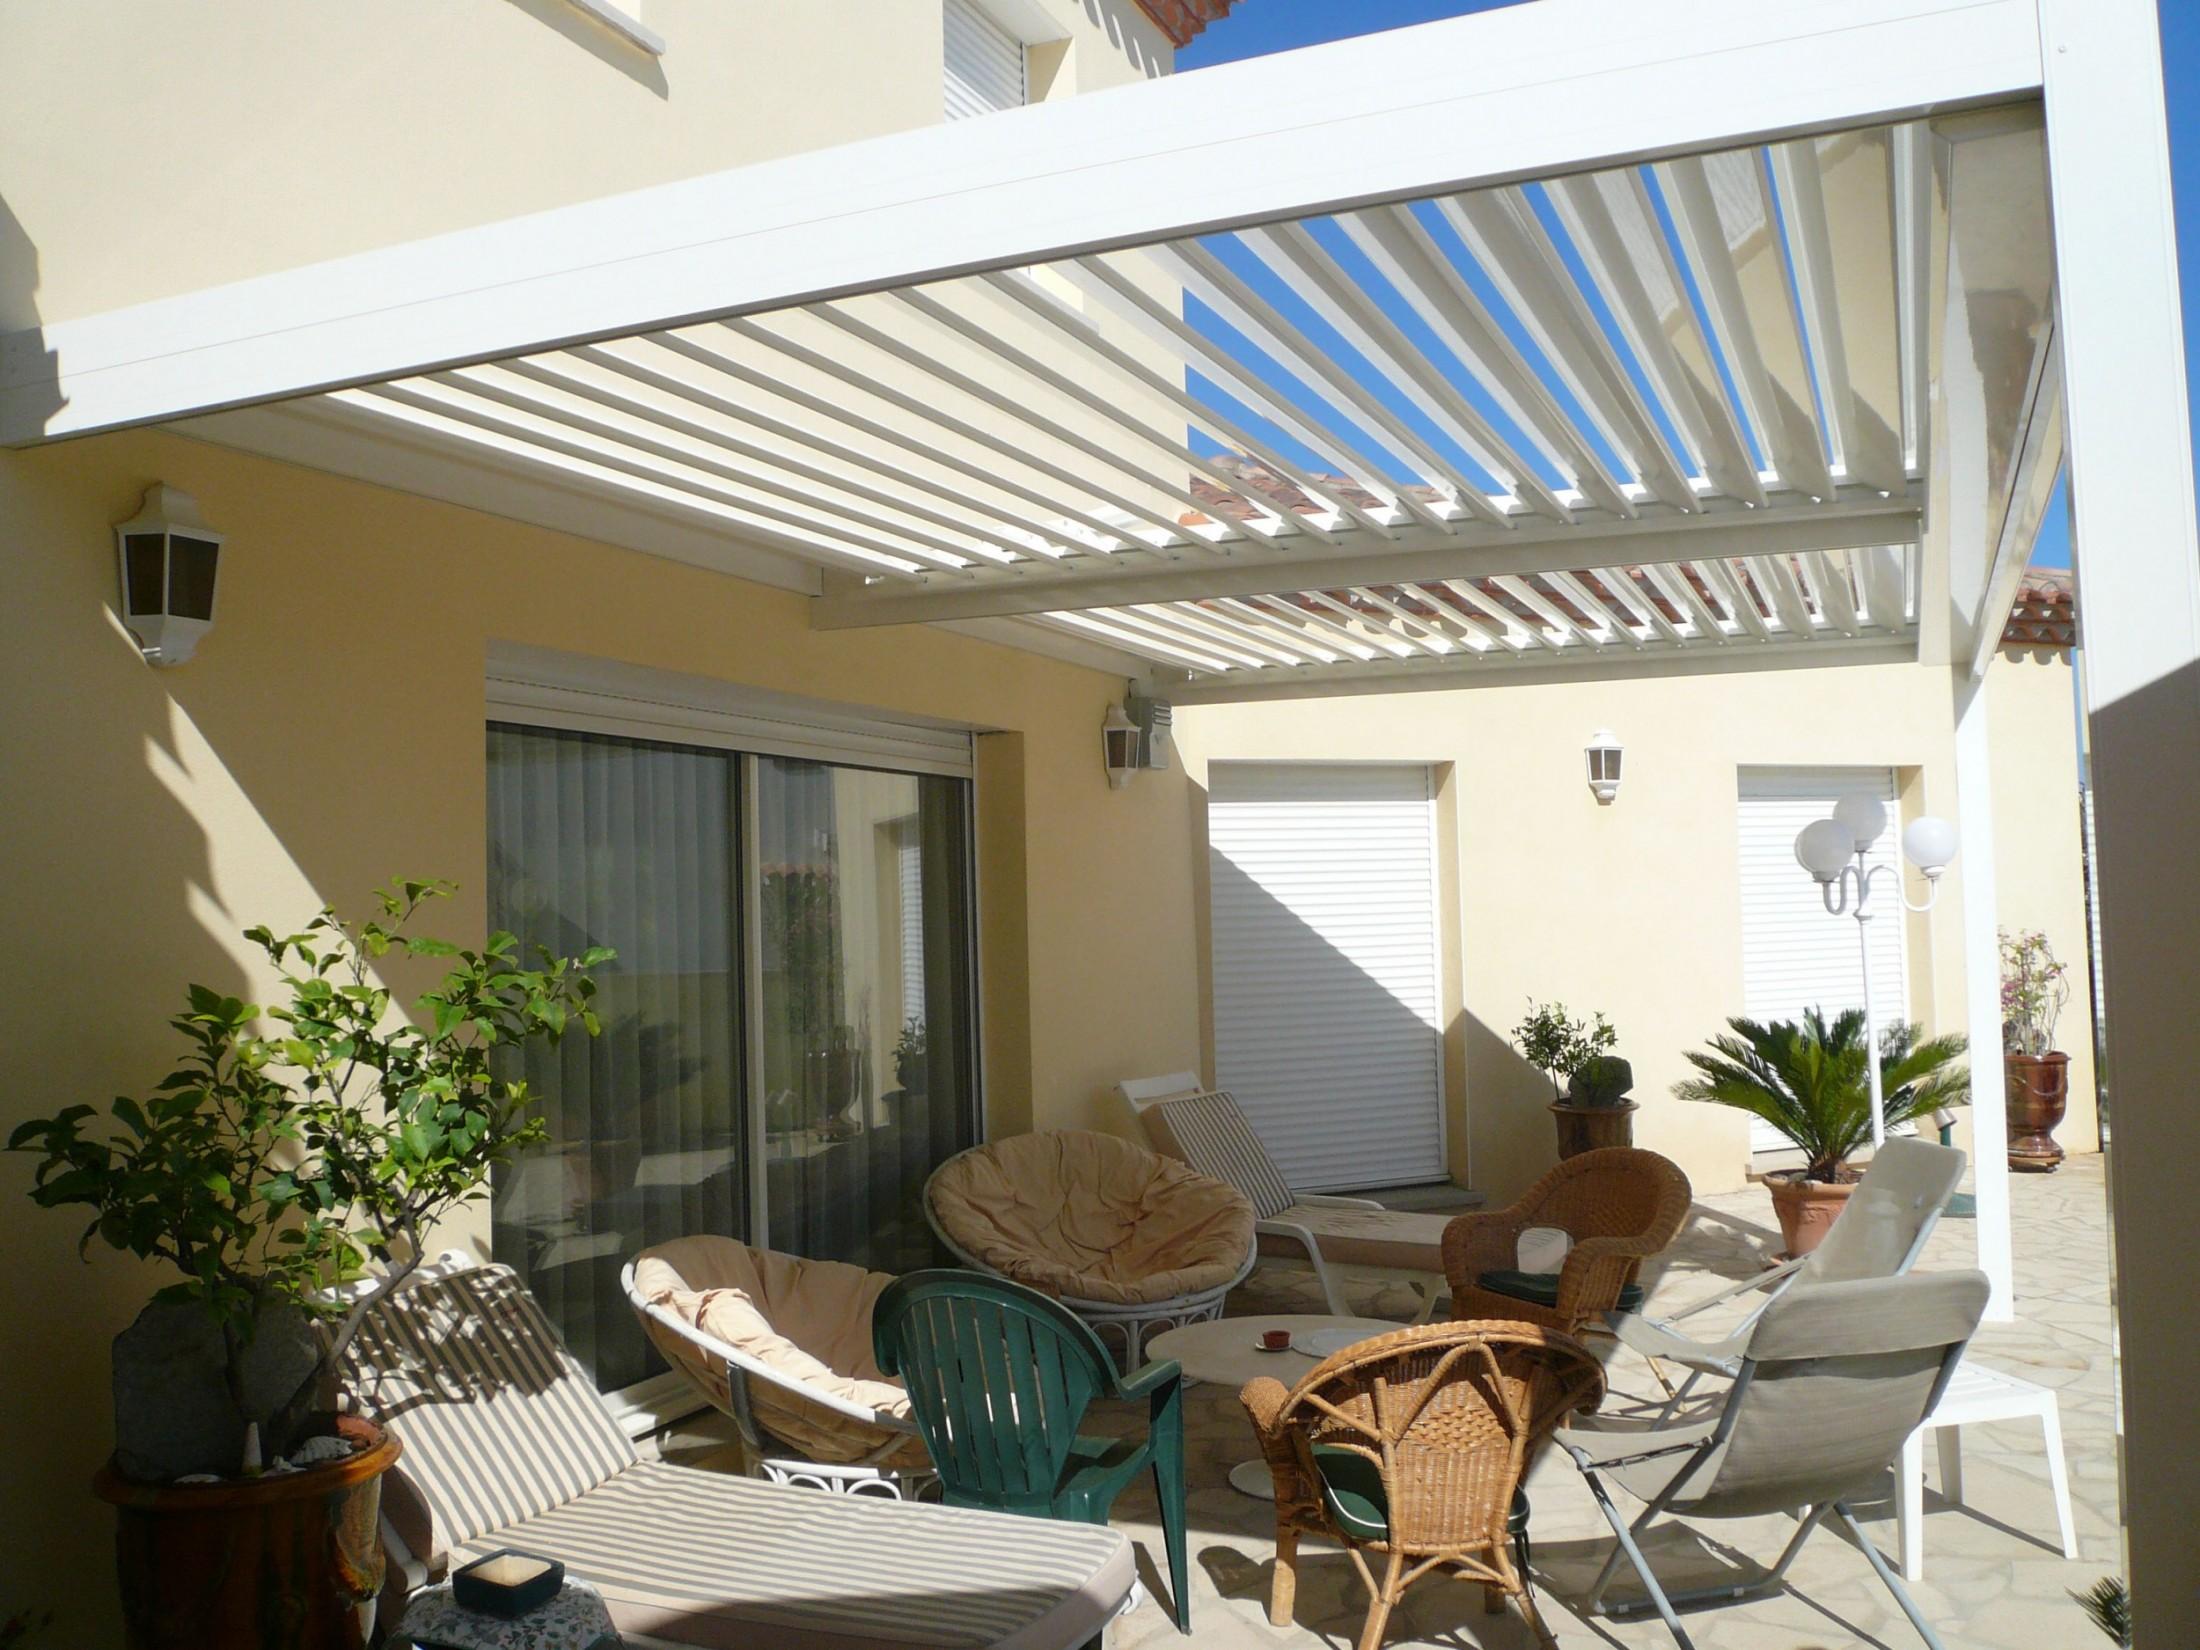 Realizzazioni di gazebo apribili con struttura in legno - Toldos para patios interiores ...